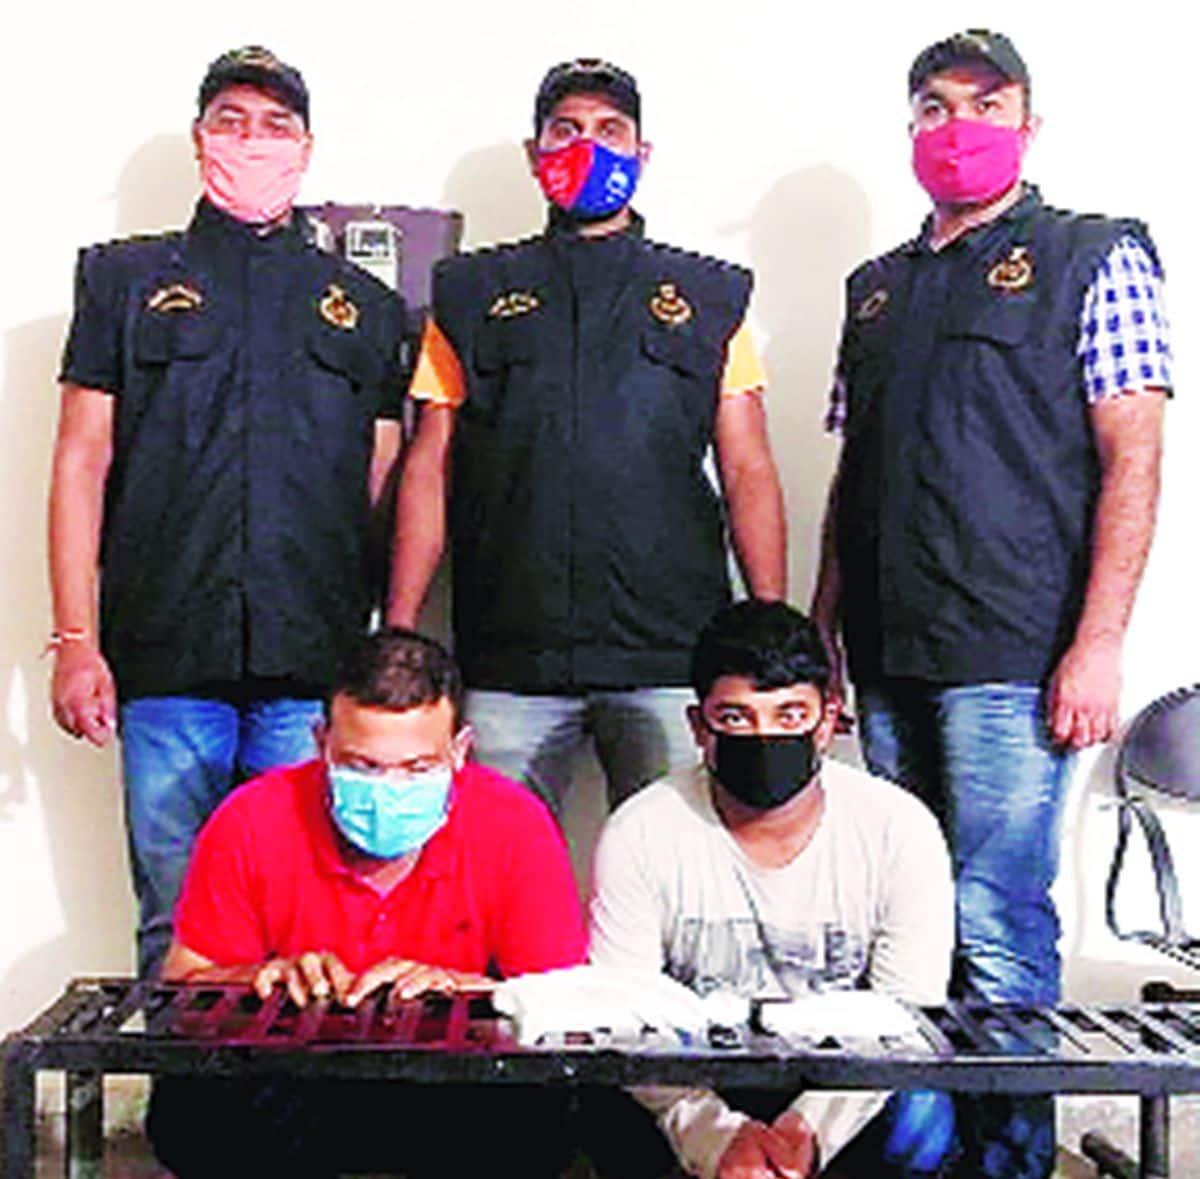 gurgaon car racket, gurgaon car robbery, gurgaon car theft, gurgaon car robbery nia, nia, gurgaon news